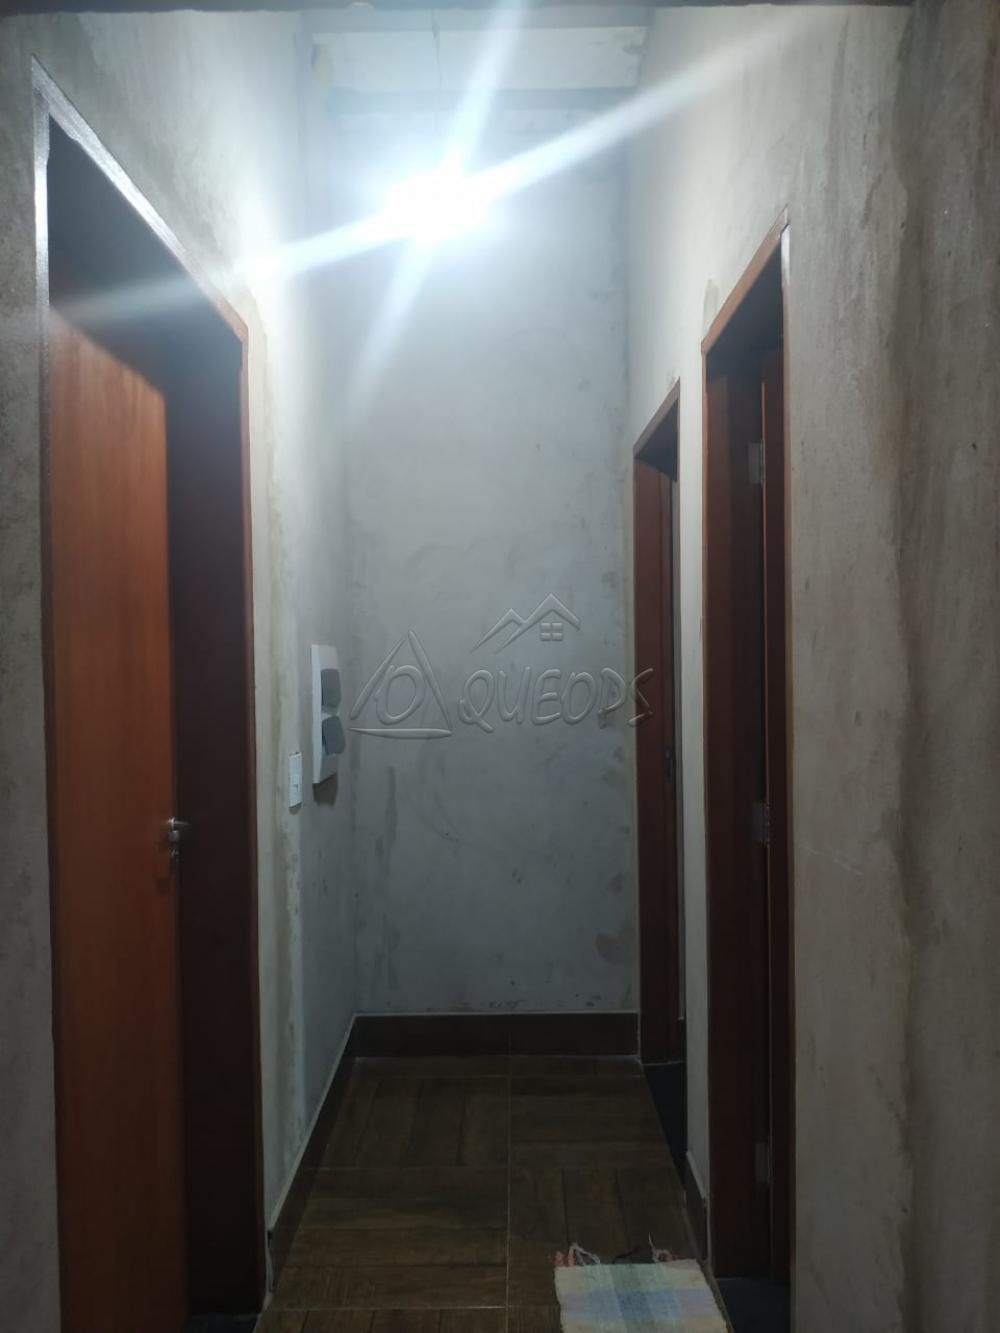 Comprar Casa / Padrão em Barretos apenas R$ 280.000,00 - Foto 10